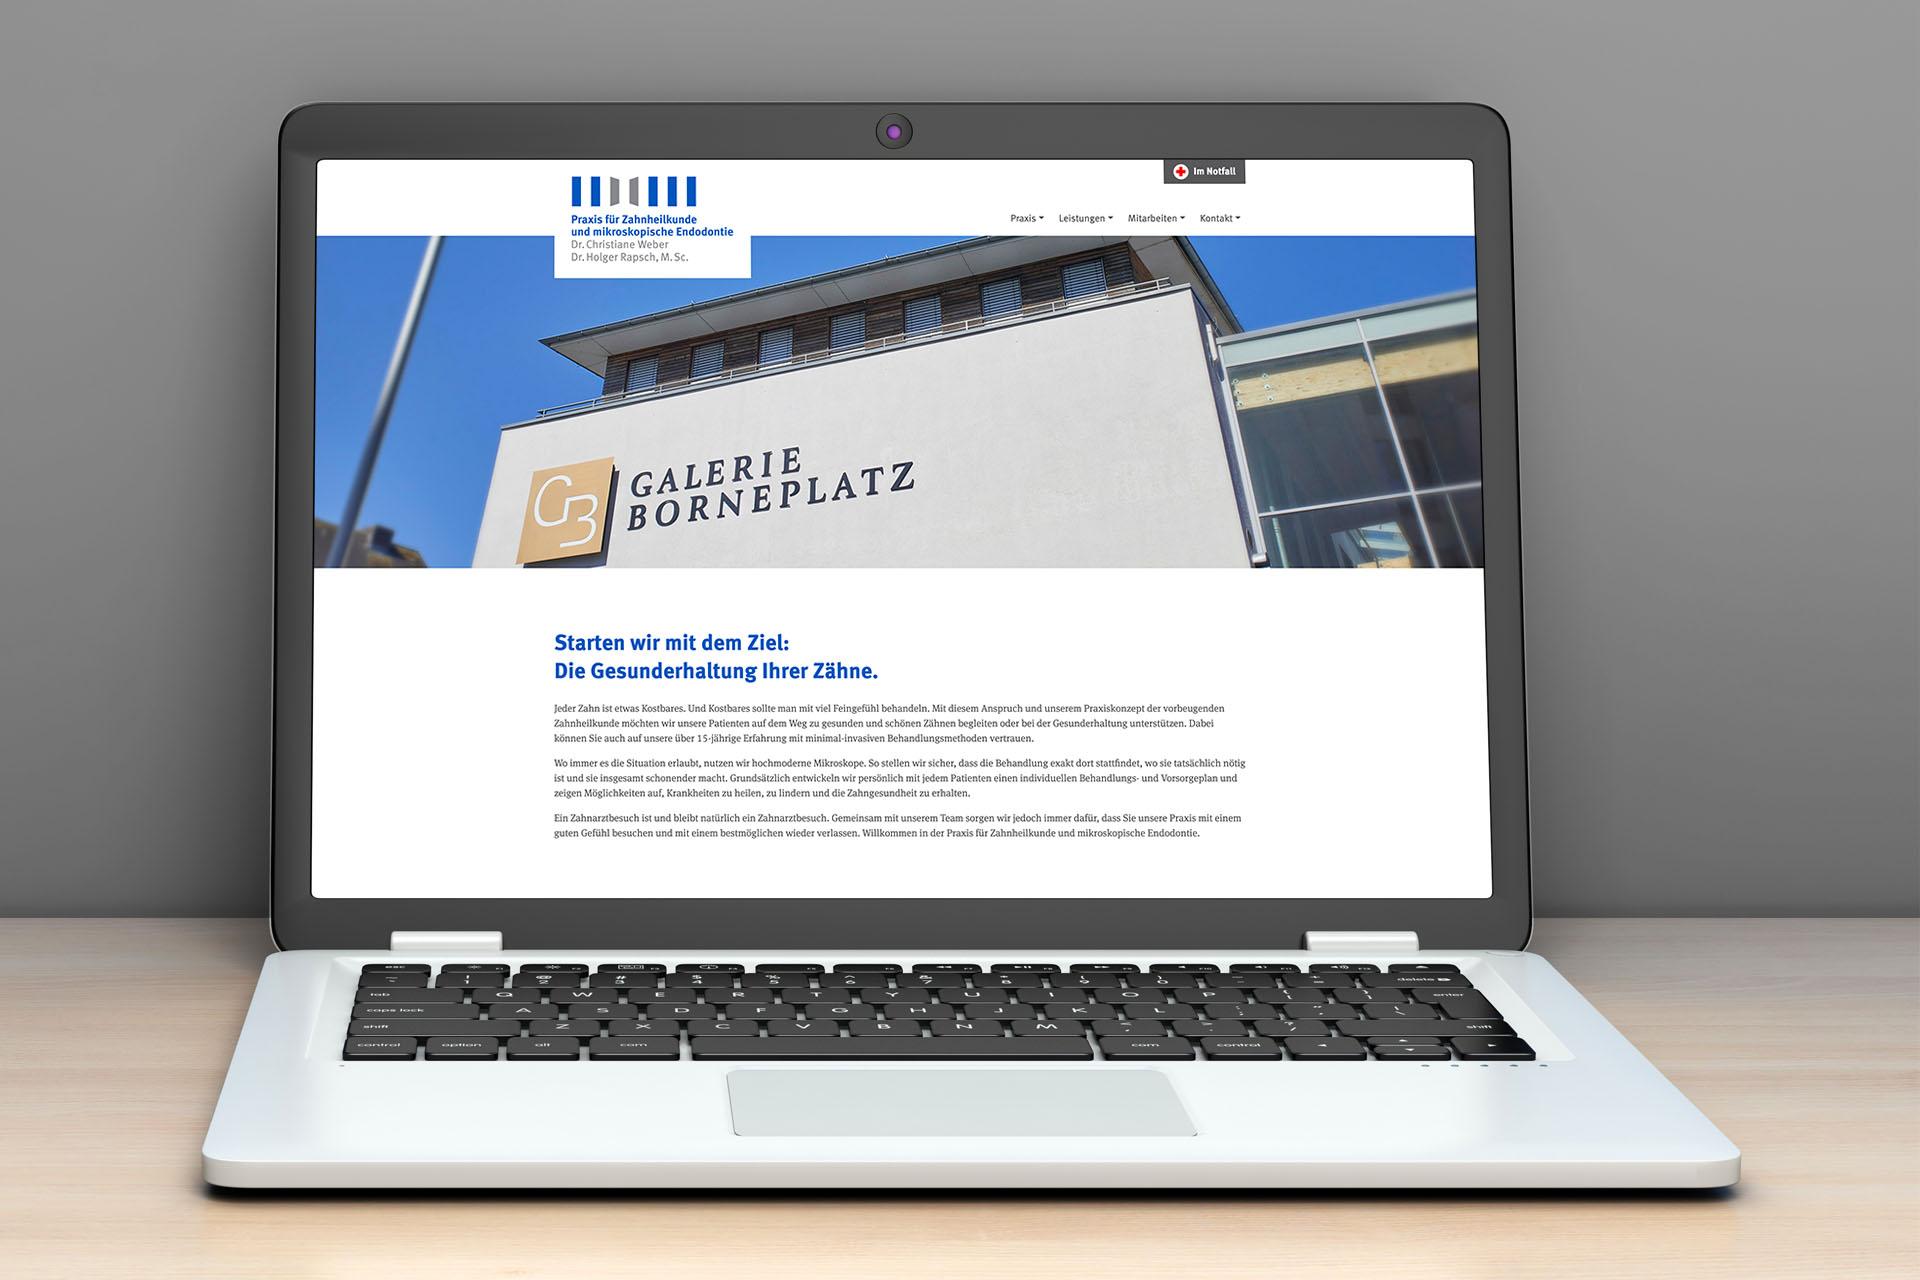 praxis weber rapsch 06 - Mehr Zähne zeigen – ohne Zähne zu zeigen – Corporate Design, Logoentwicklung, Grafikdesign, Webdesign, Kommunikationsdesign, Branding, Markenentwicklung